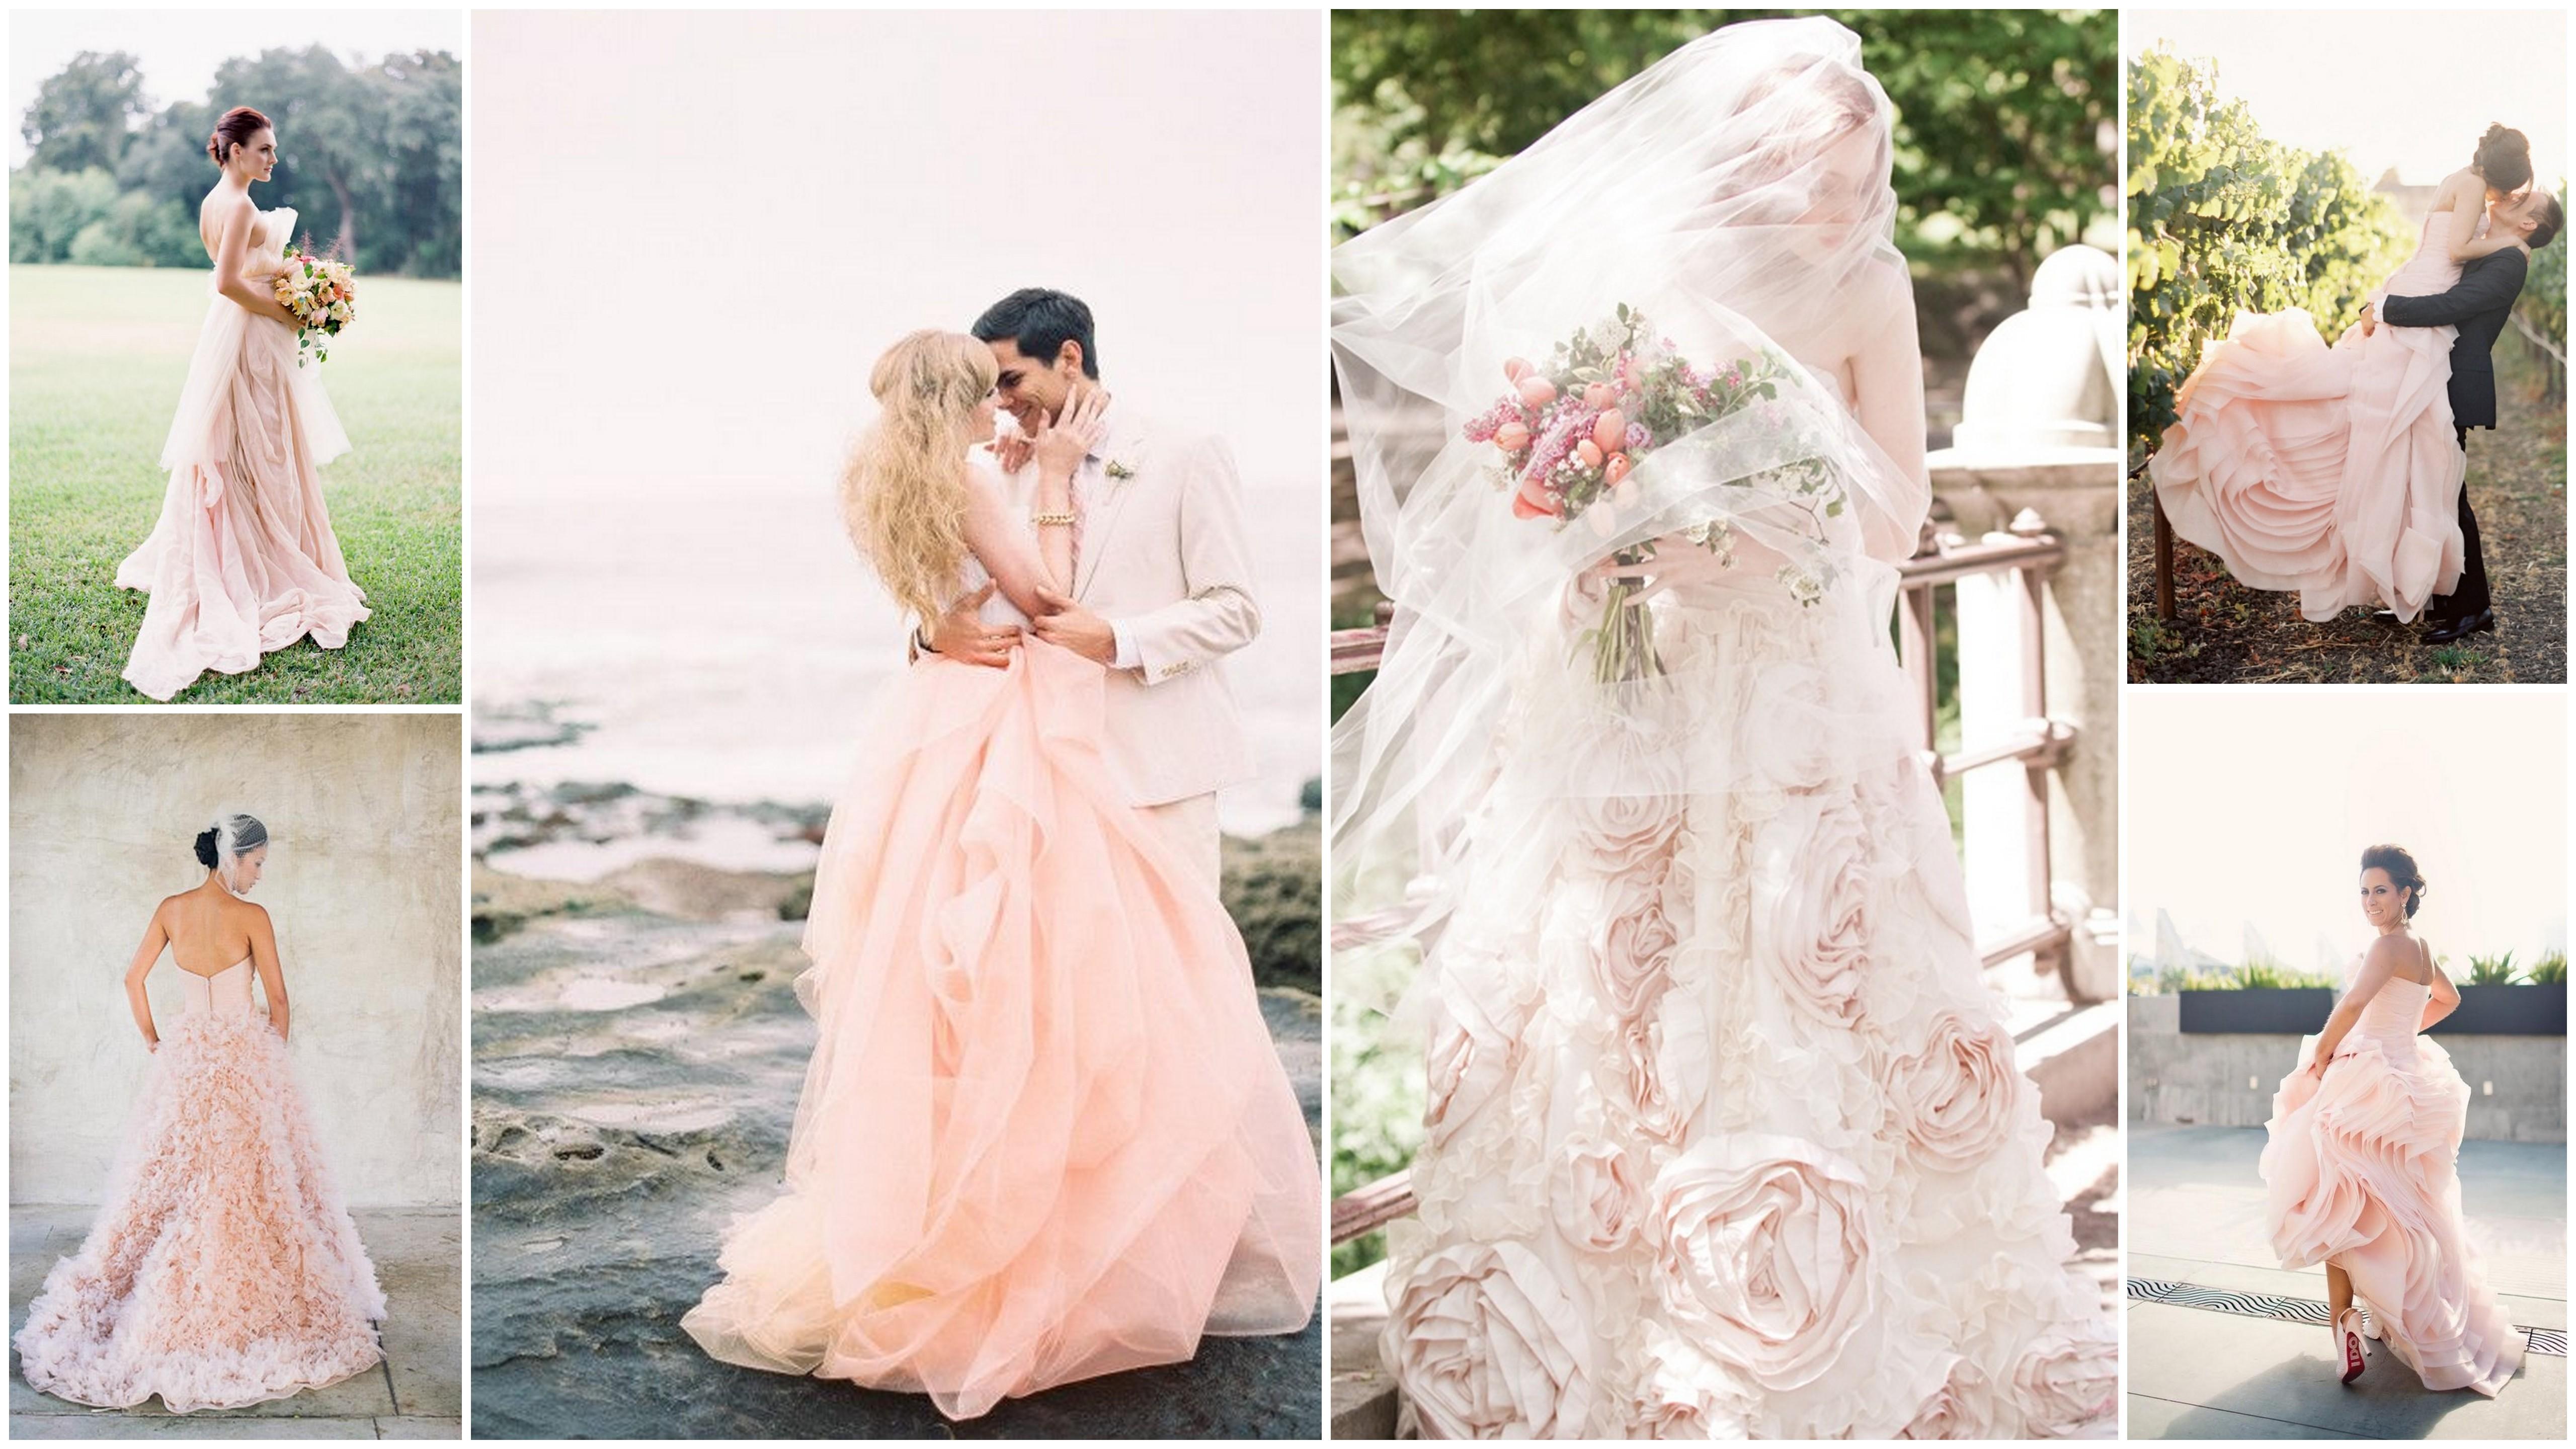 3d722aedb94bb41 Публика вряд ли поймет светло-голубые и розовые оттенки, зная ваш огненный  темперамент. В своем свадебном наряде вы должны чувствовать себя уверено.